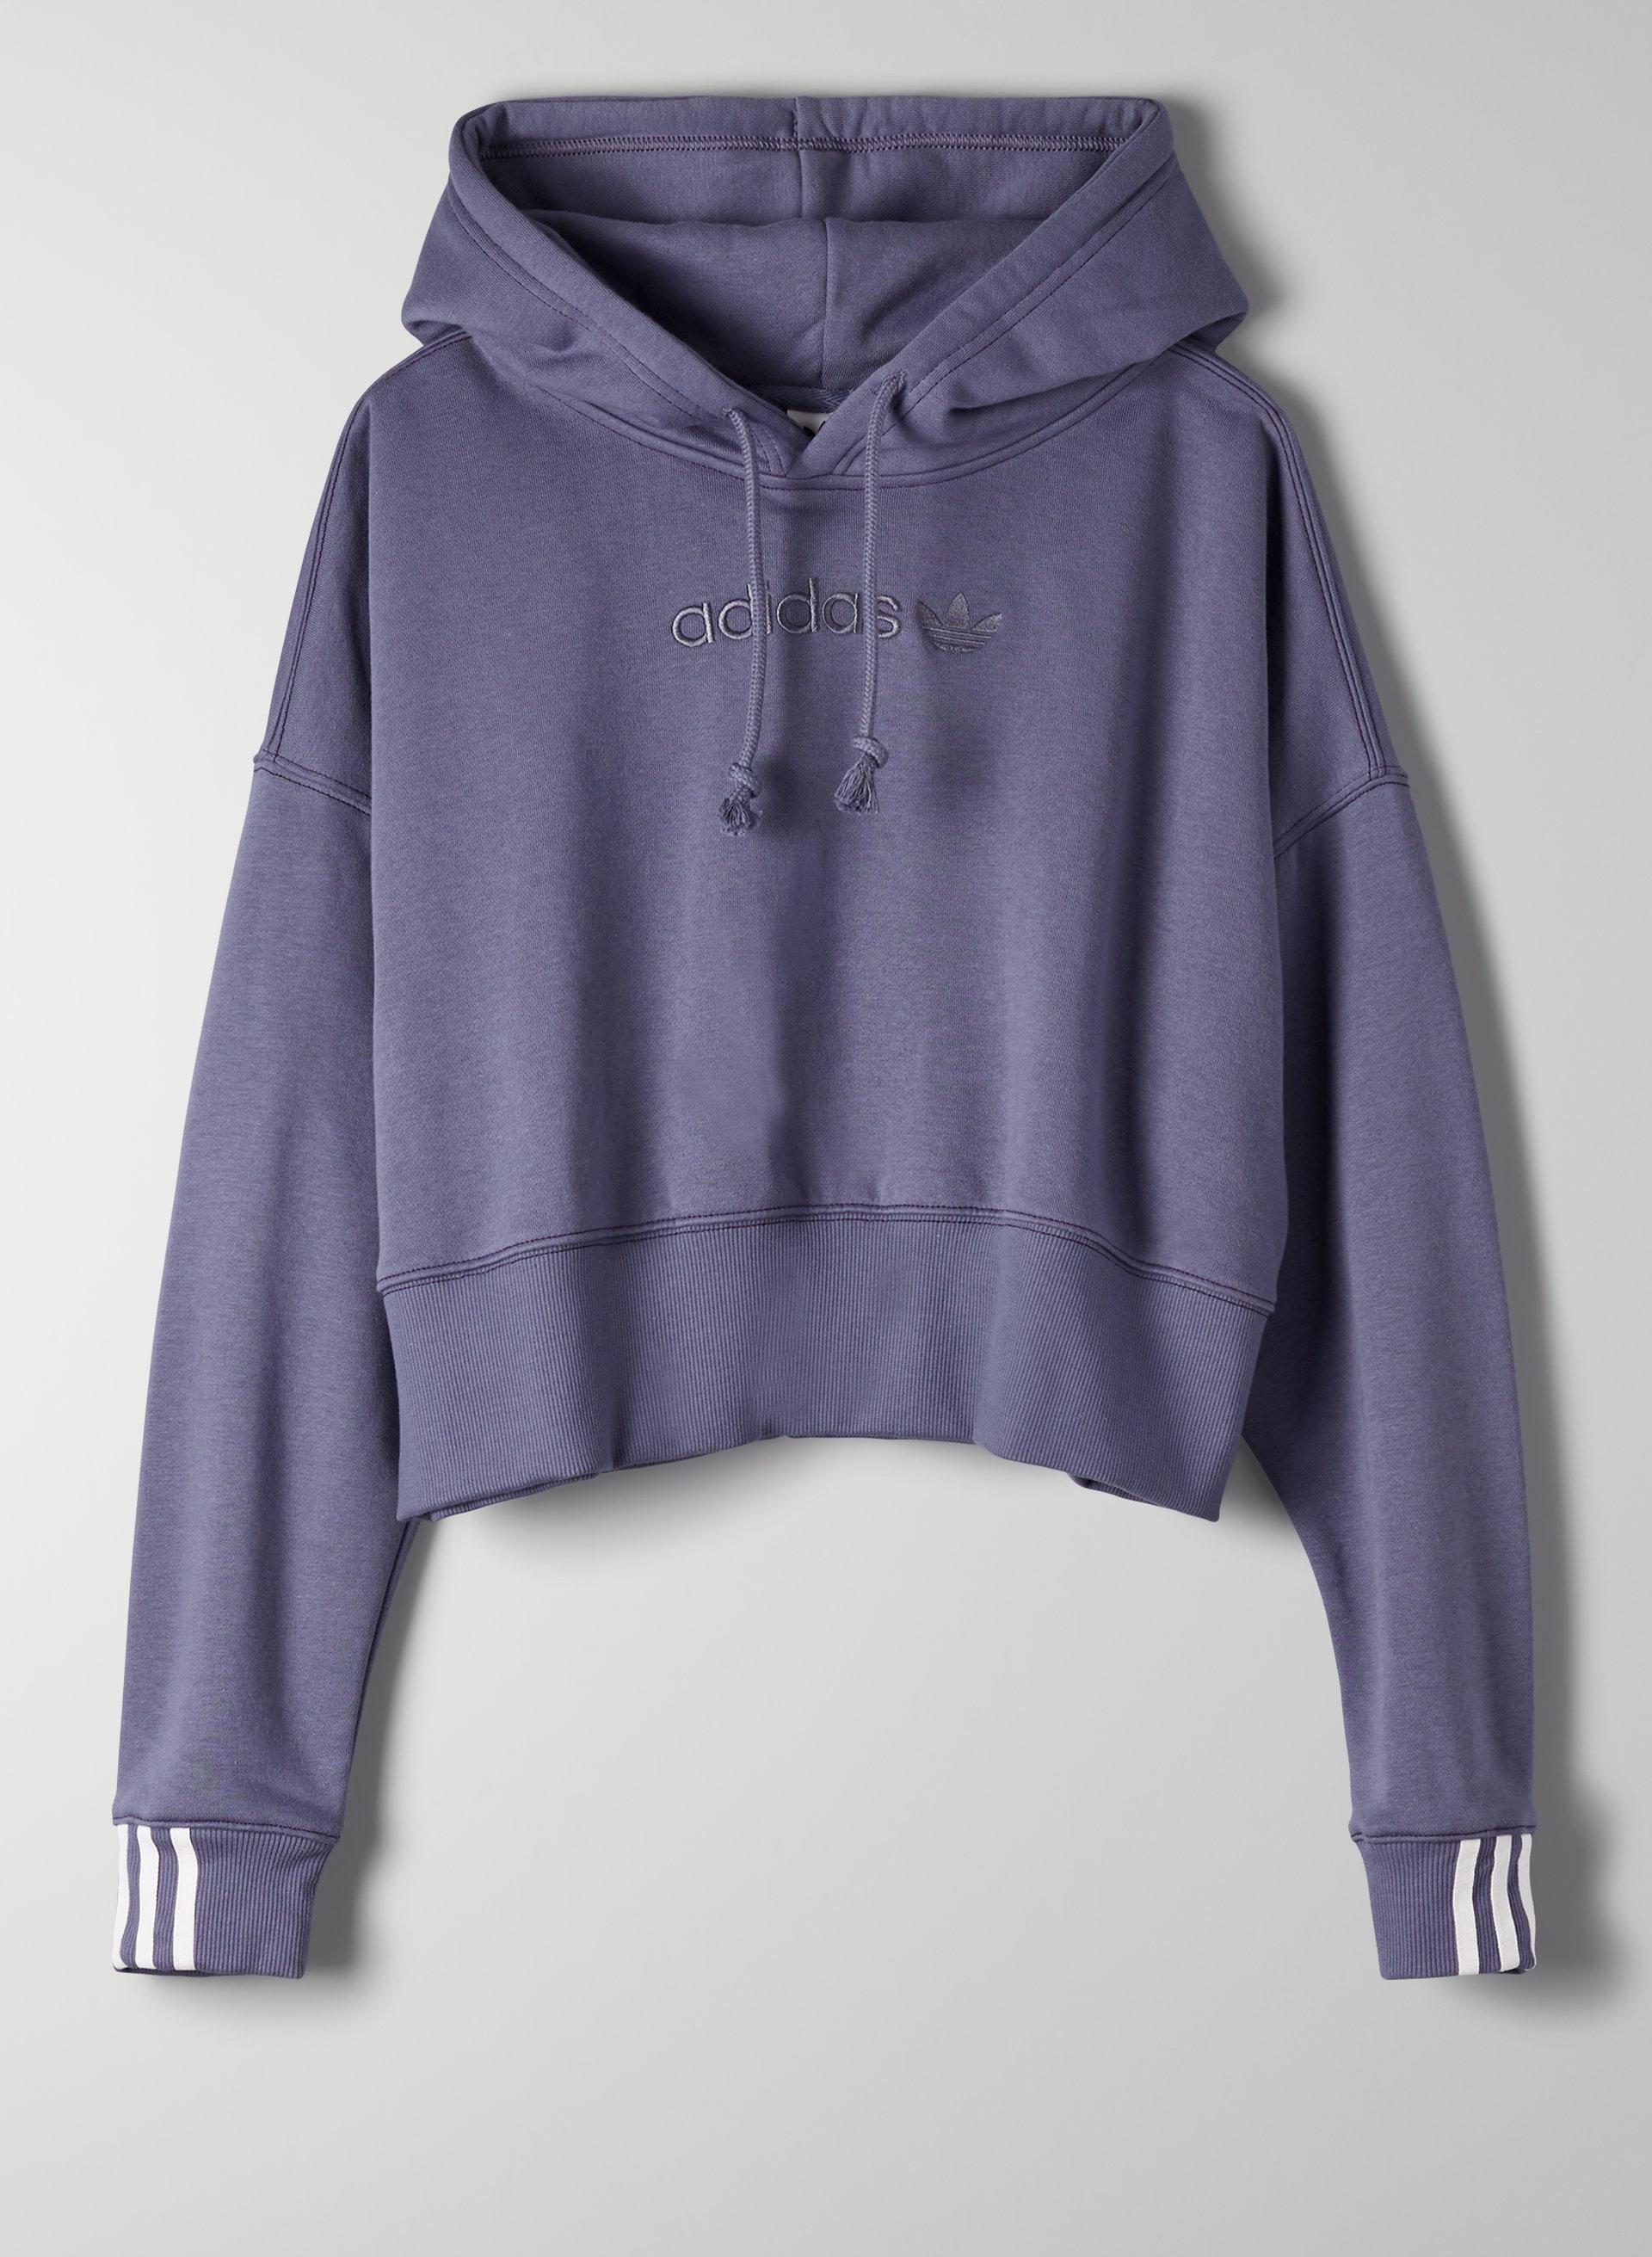 3bf6e7af COEEZE HOODIE CROP - adidas cropped hoodie